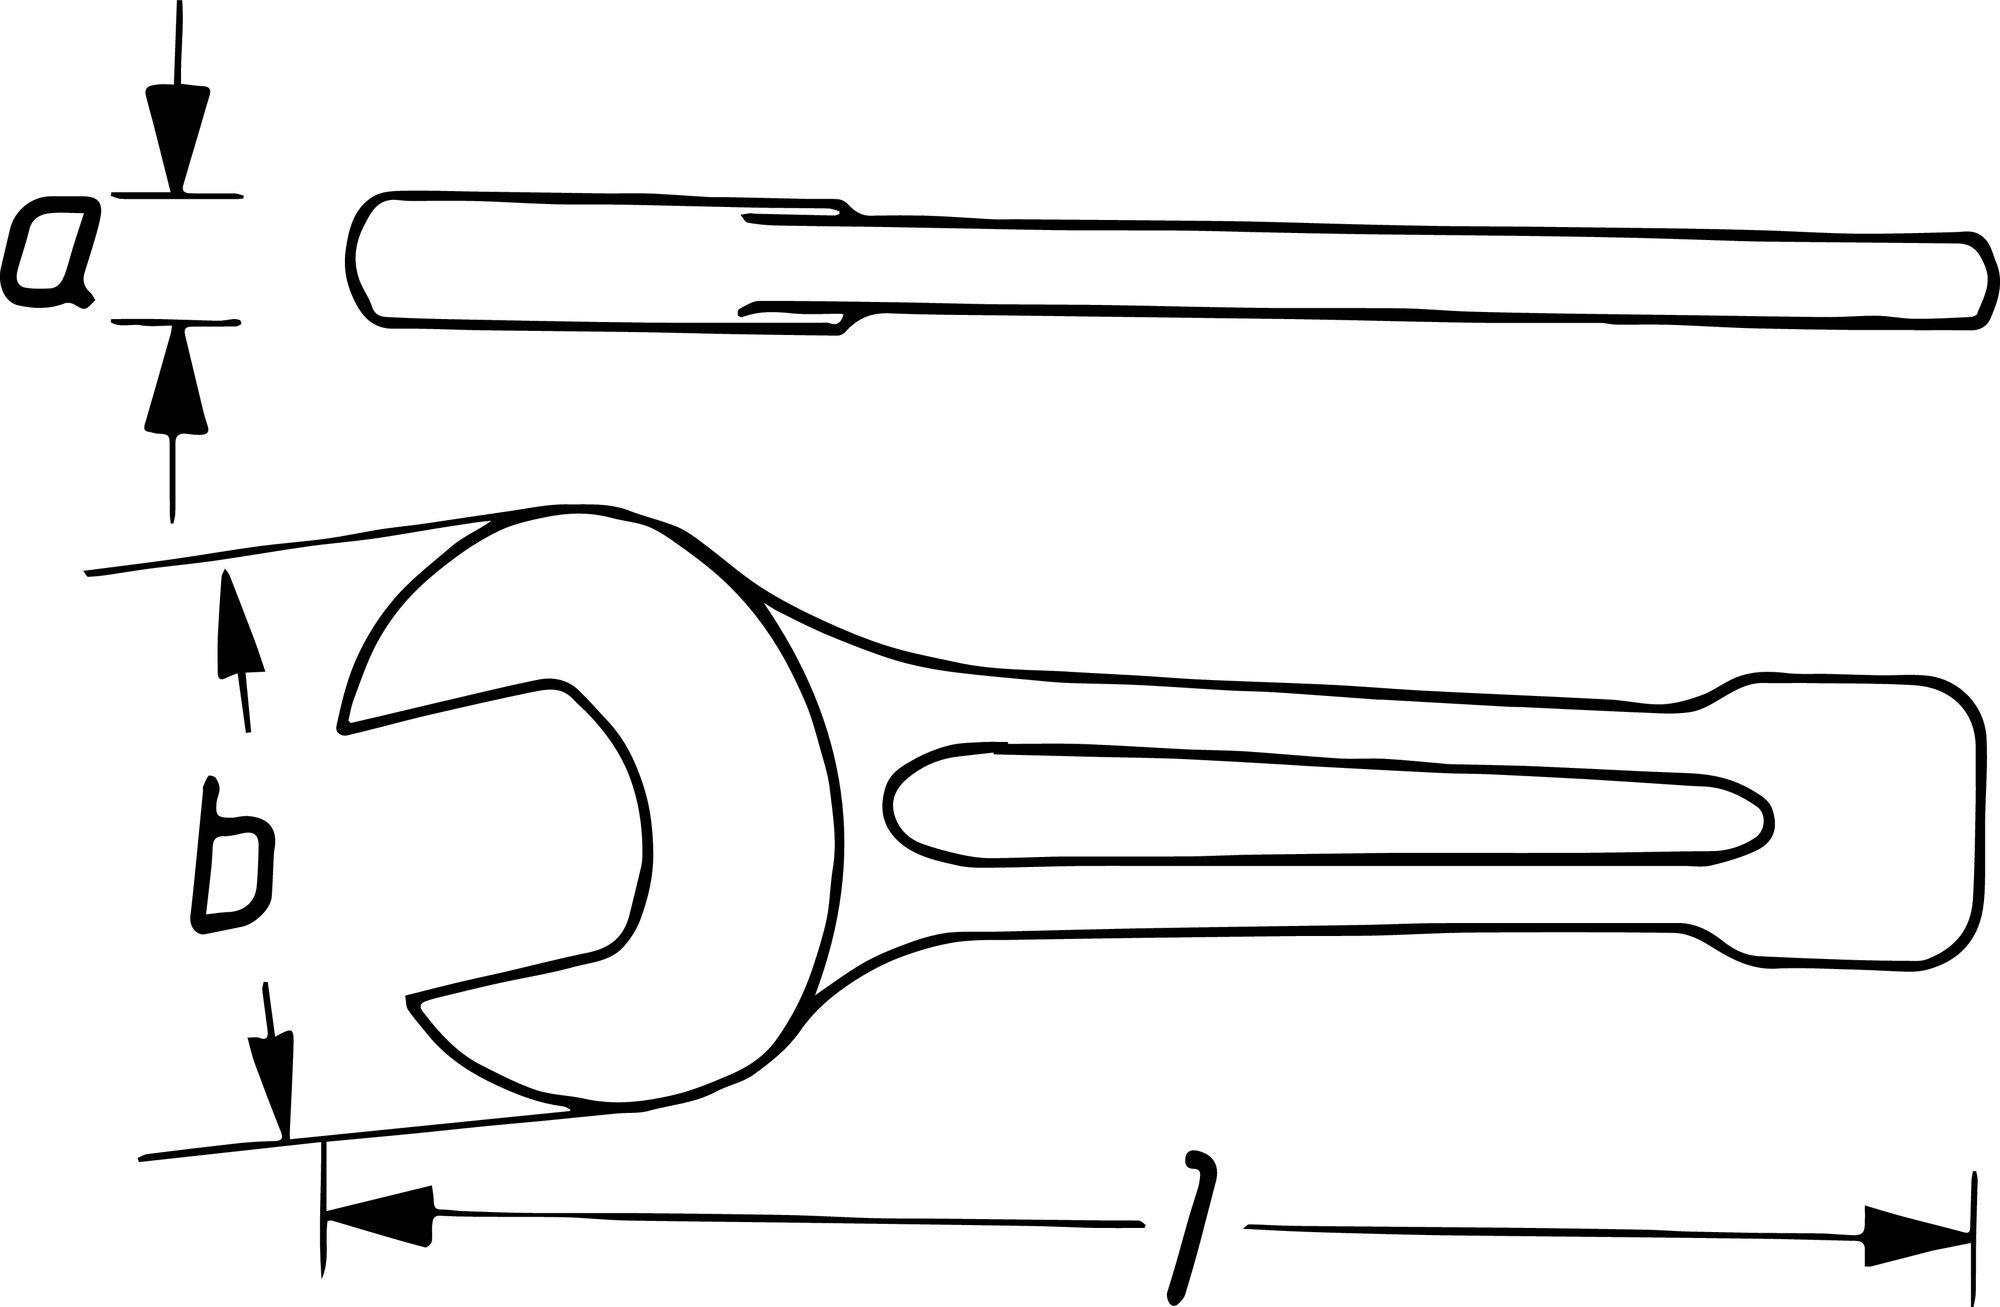 HAZET Schlag-Maulschlüssel 452-65 ∙ Außen-Sechskant Profil ∙ 65 mm